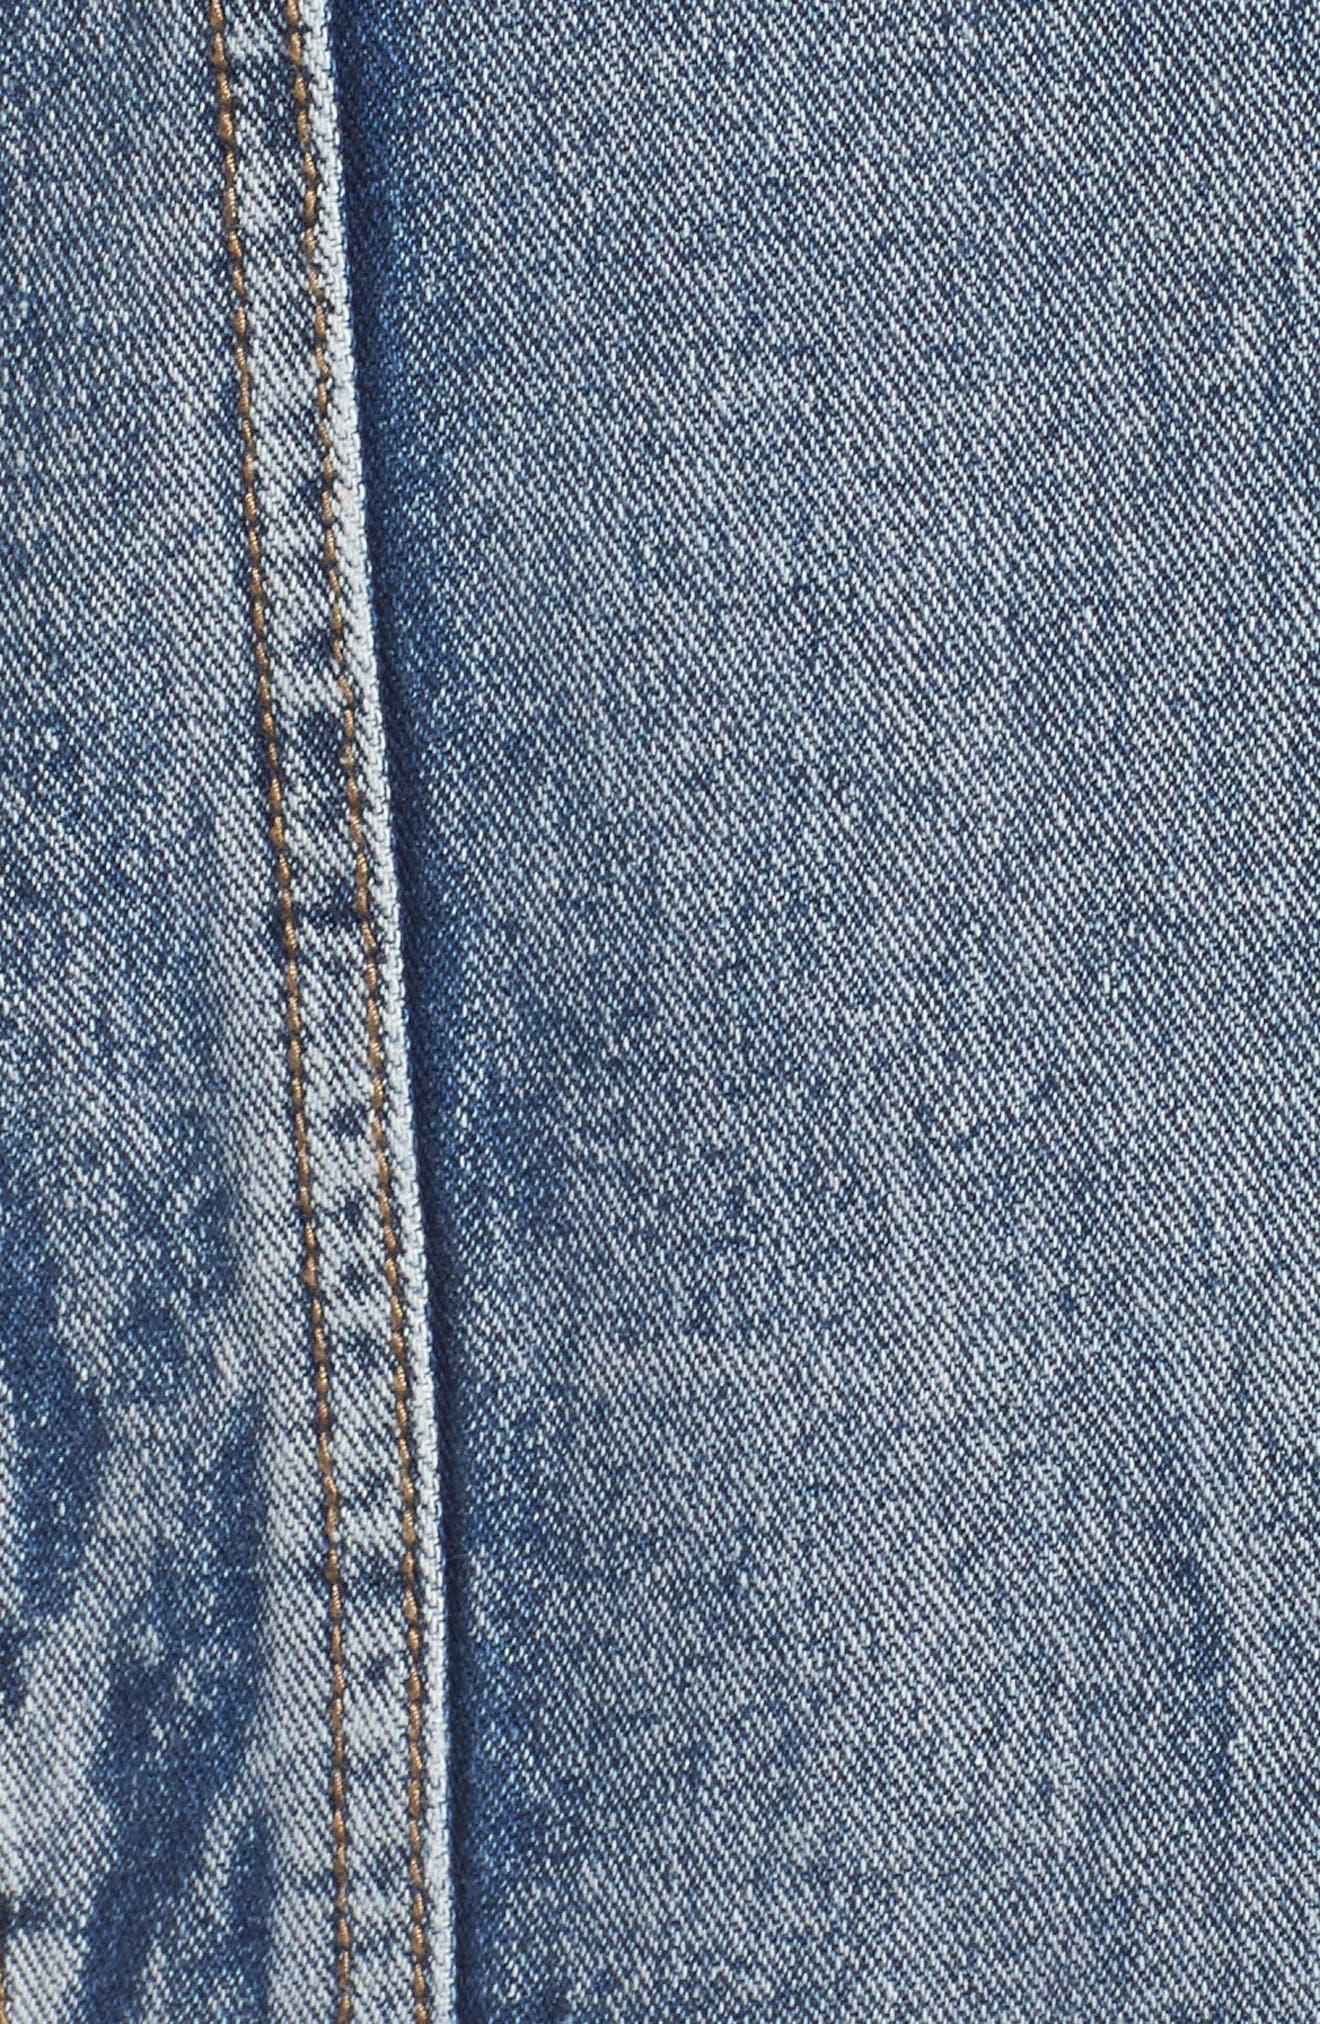 Embellished Distressed Denim Jacket,                             Alternate thumbnail 7, color,                             420